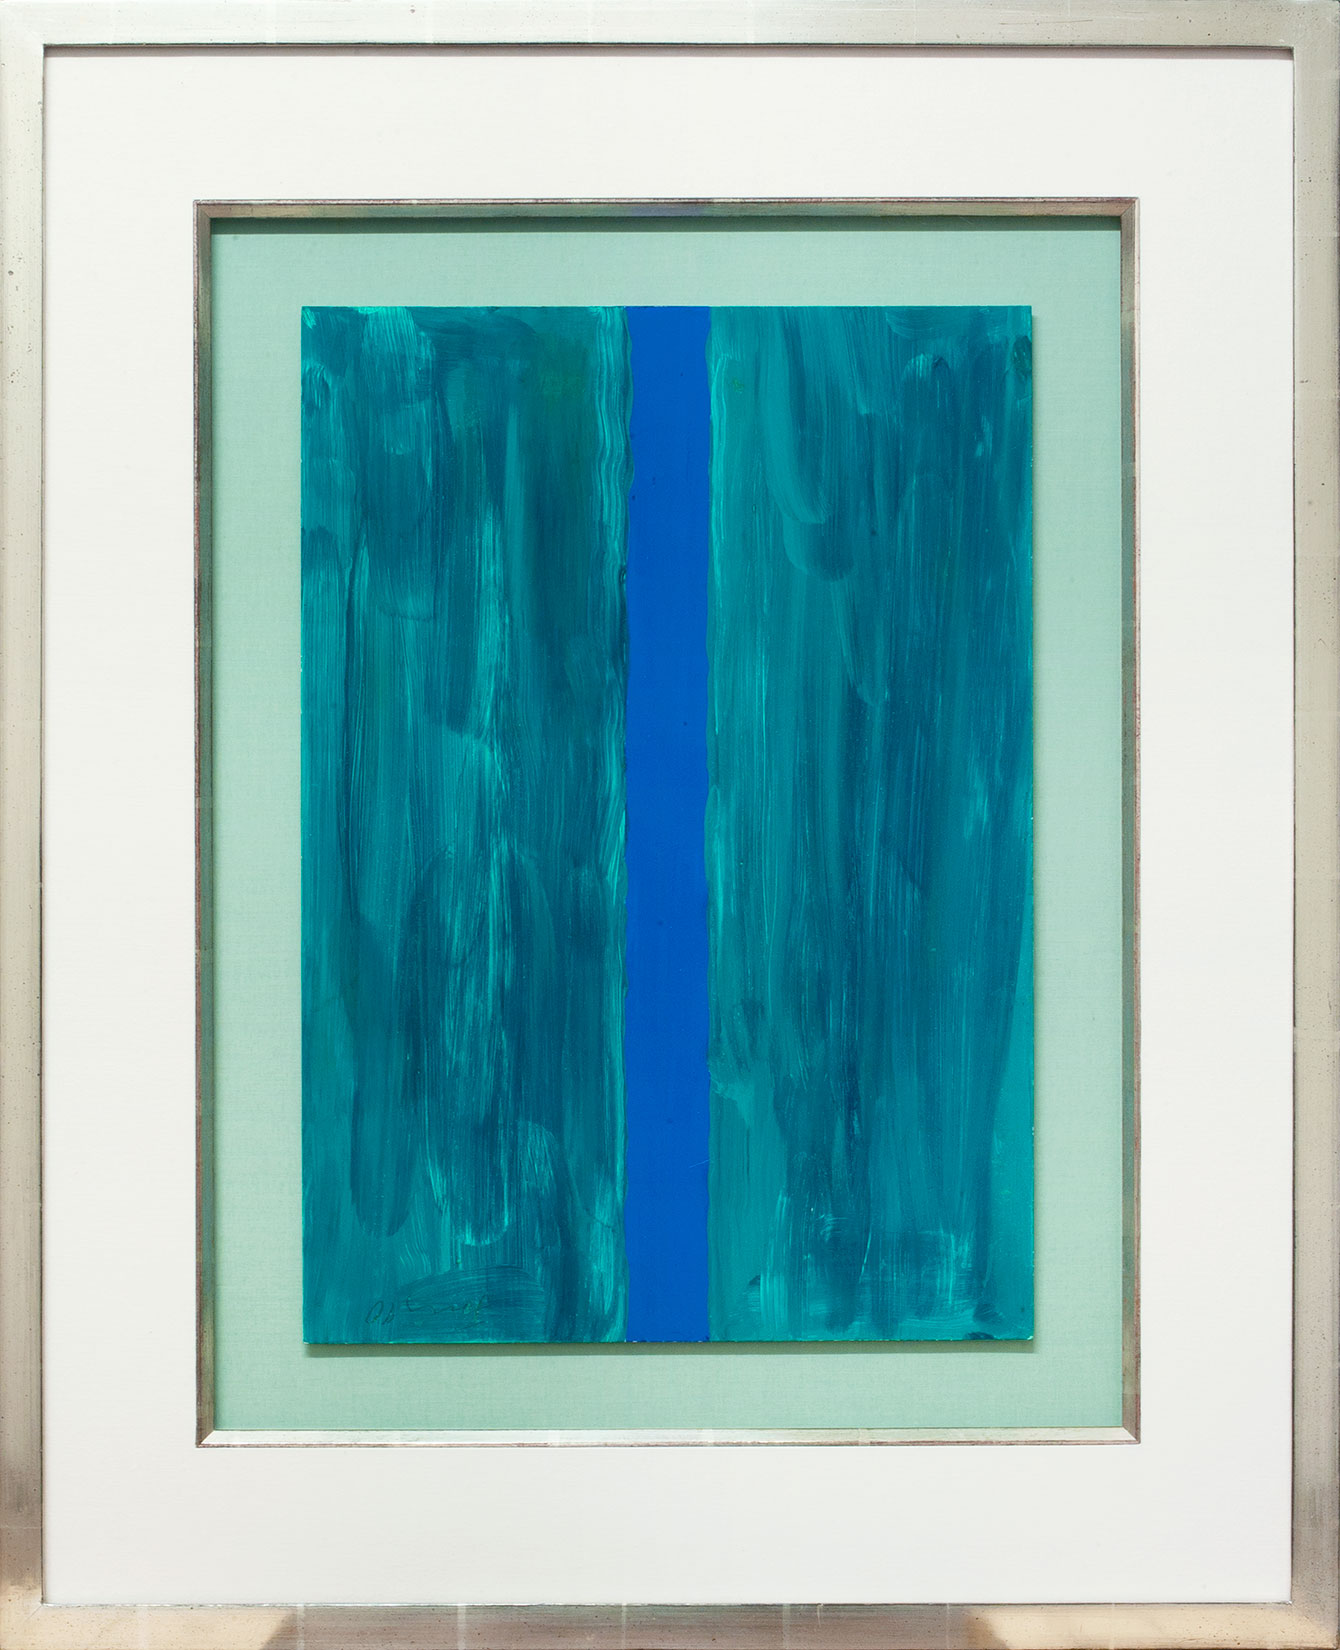 Günther Förg « Composition grün blau » Galerie Française